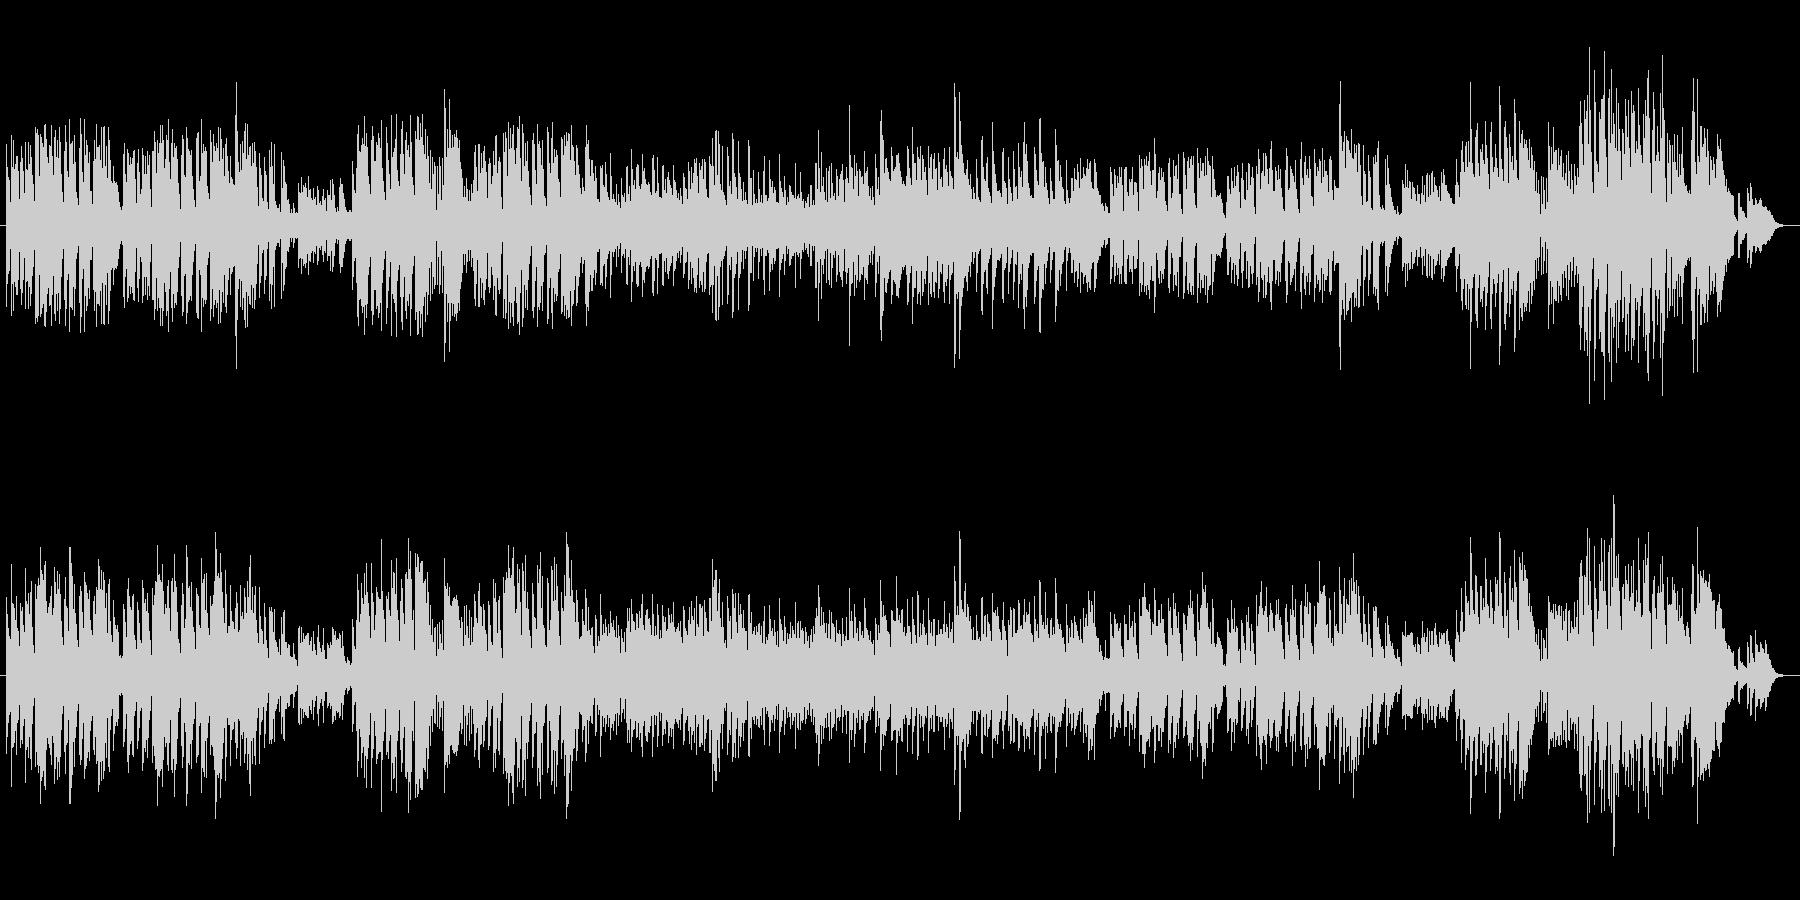 ワルツ 第3番 ピアノソロ版の未再生の波形